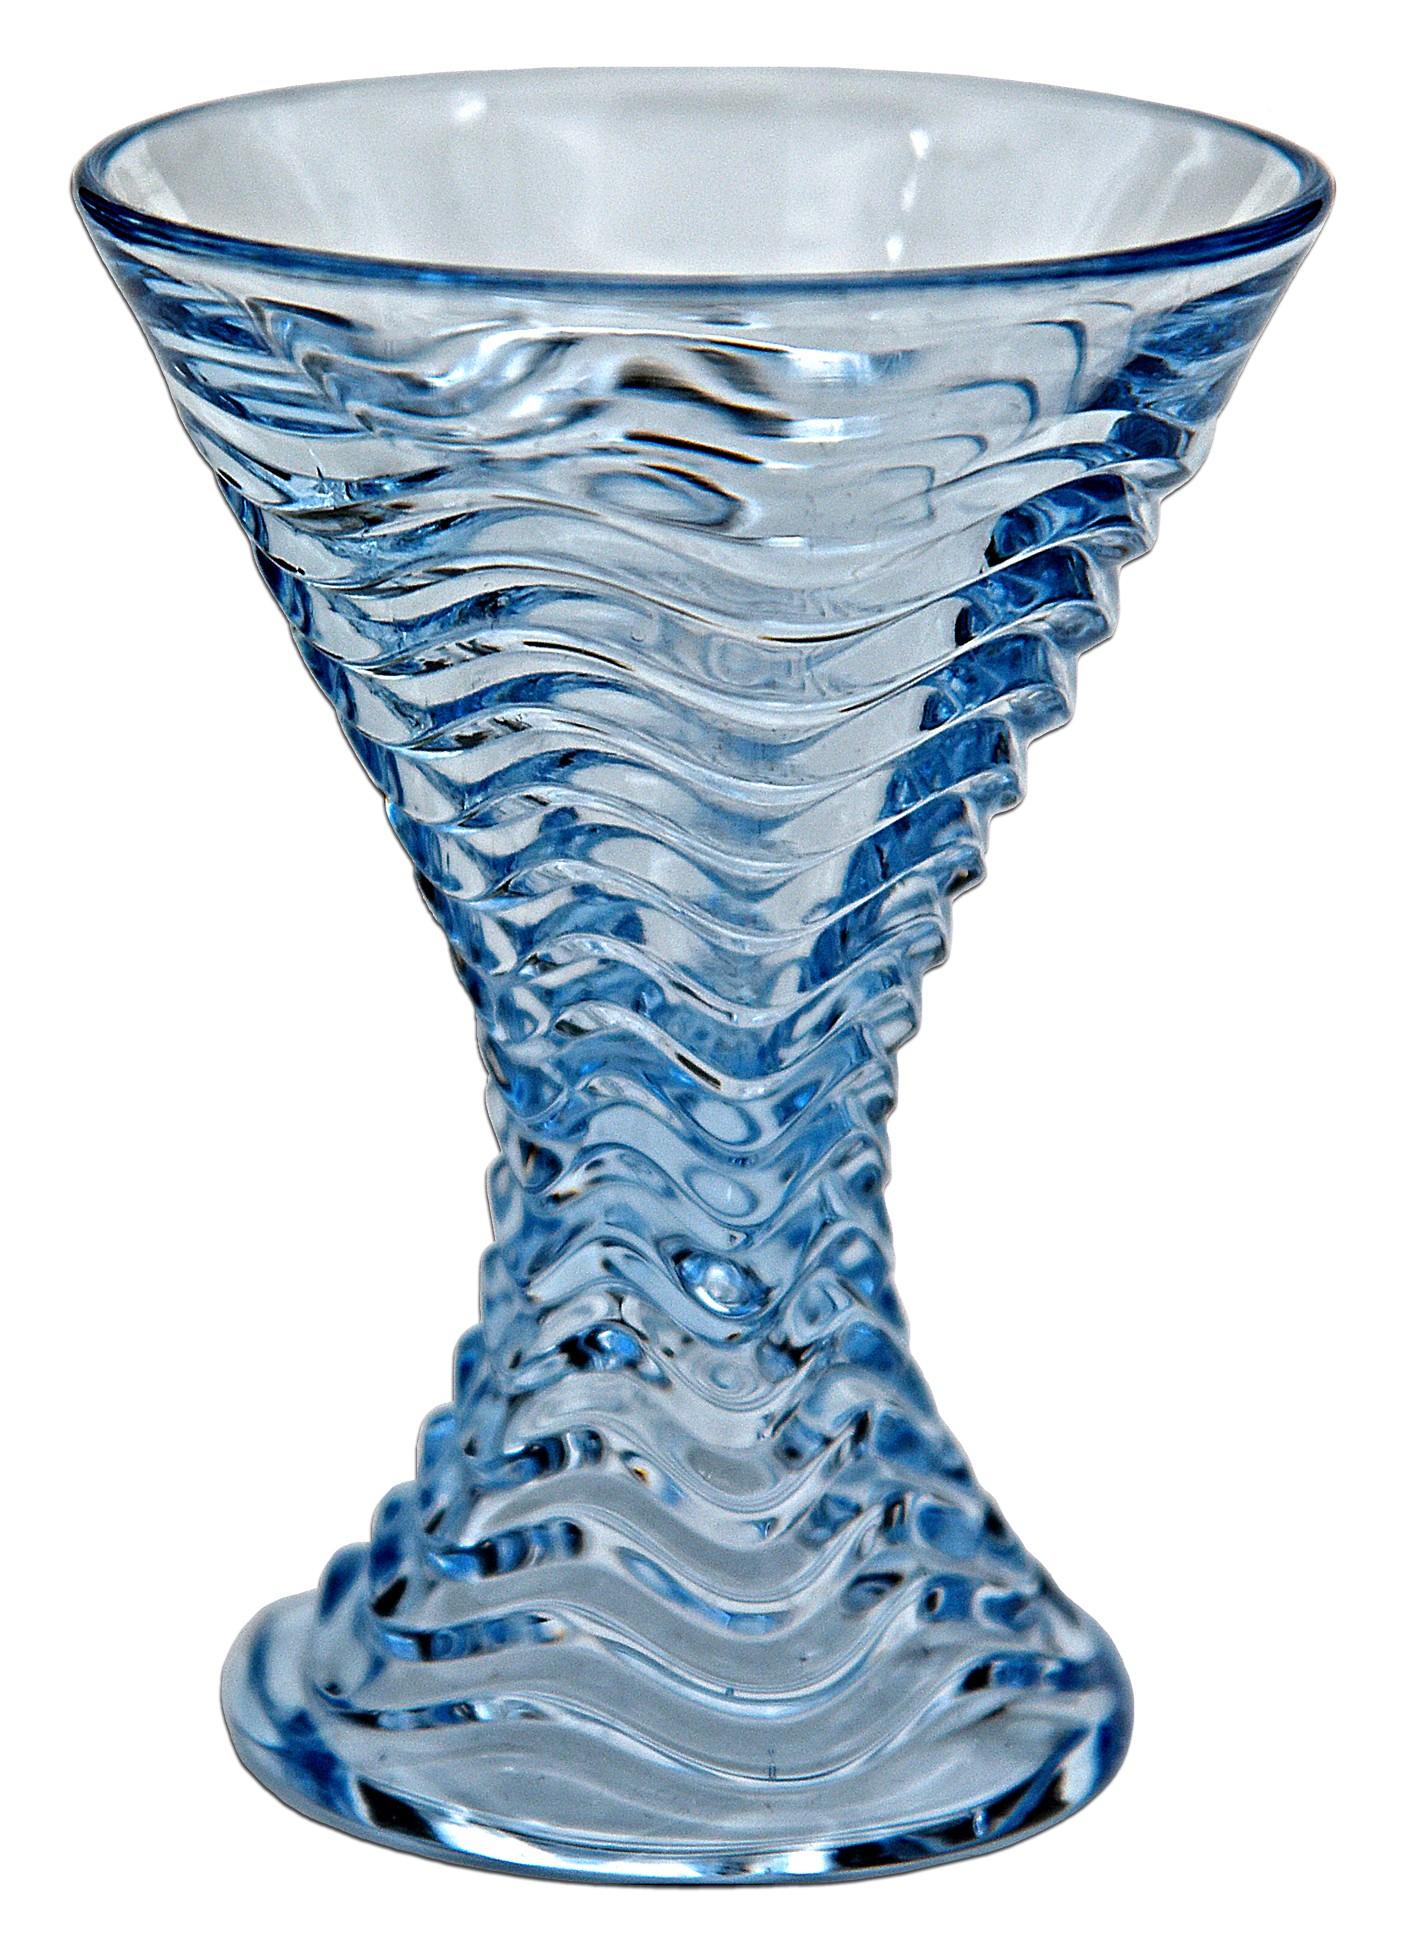 Duncan and Miller #112 Caribbean Blue Cocktail Goblet